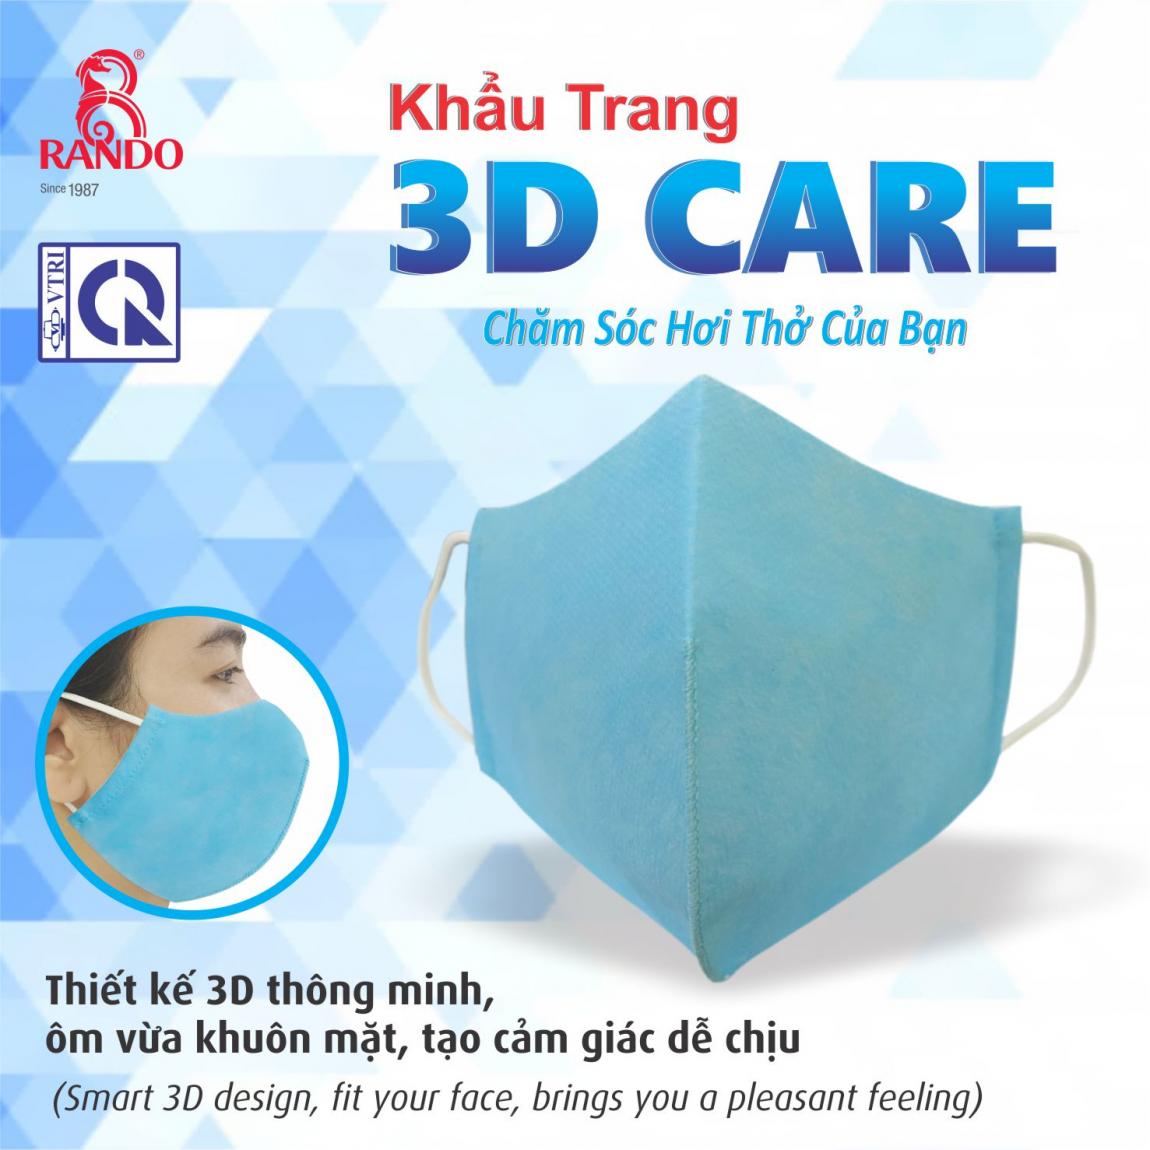 Thiết kế 3D thông minh, ôm vừa khuôn mặt